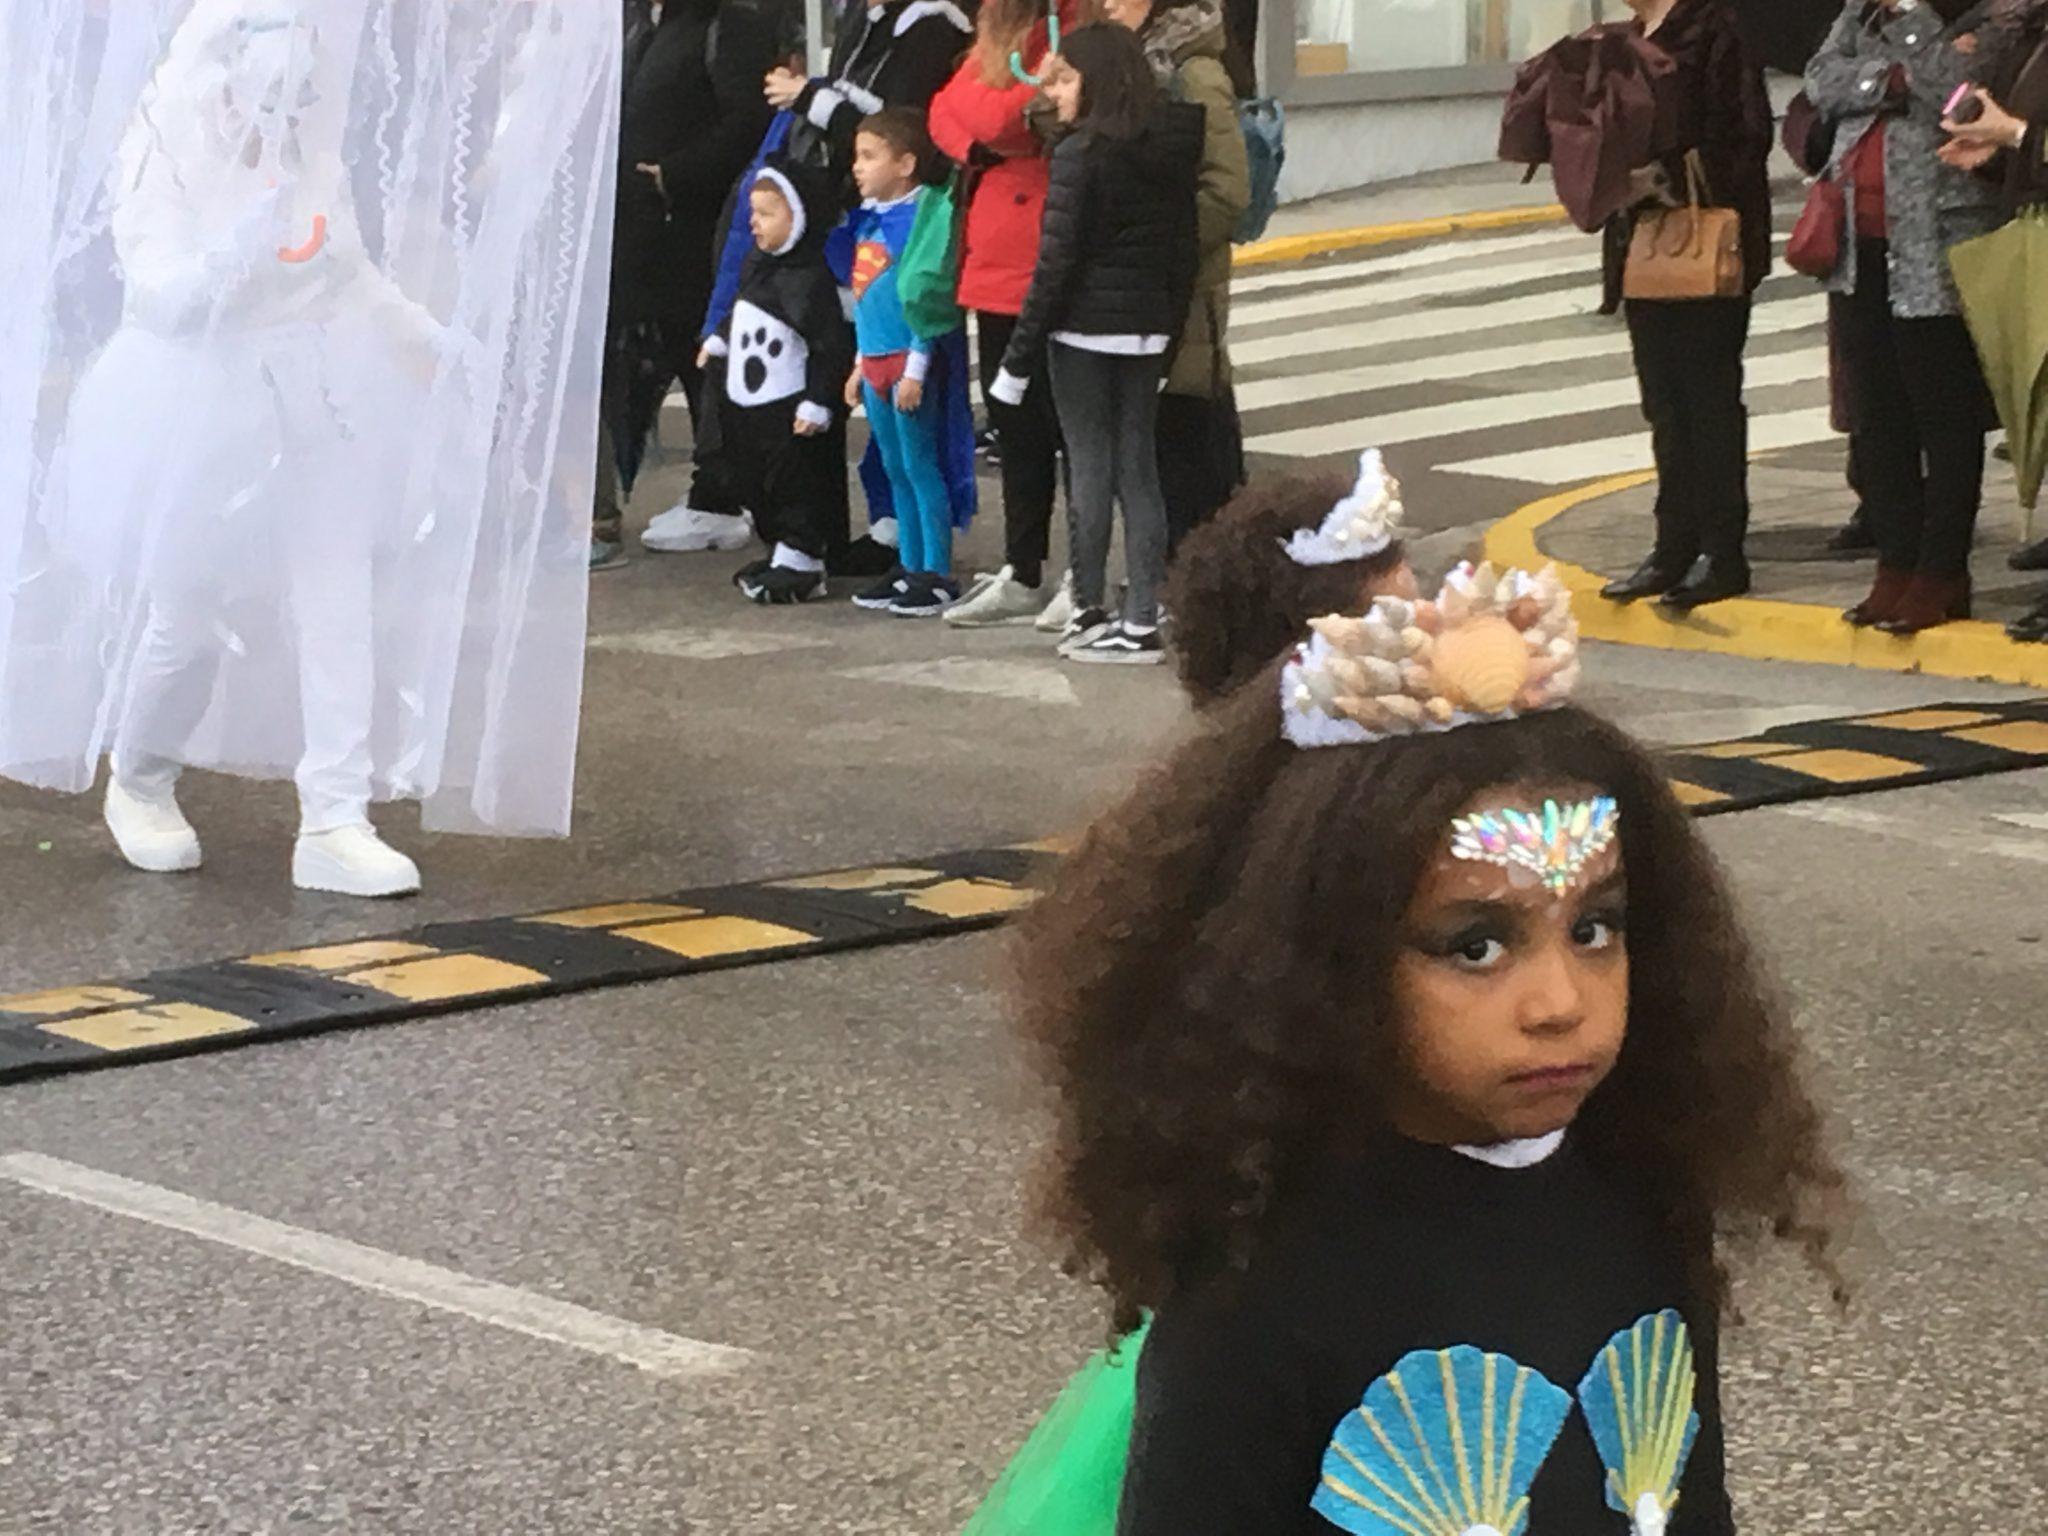 Álbum de fotos del martes de Carnaval 2019 en Ponferrada 8